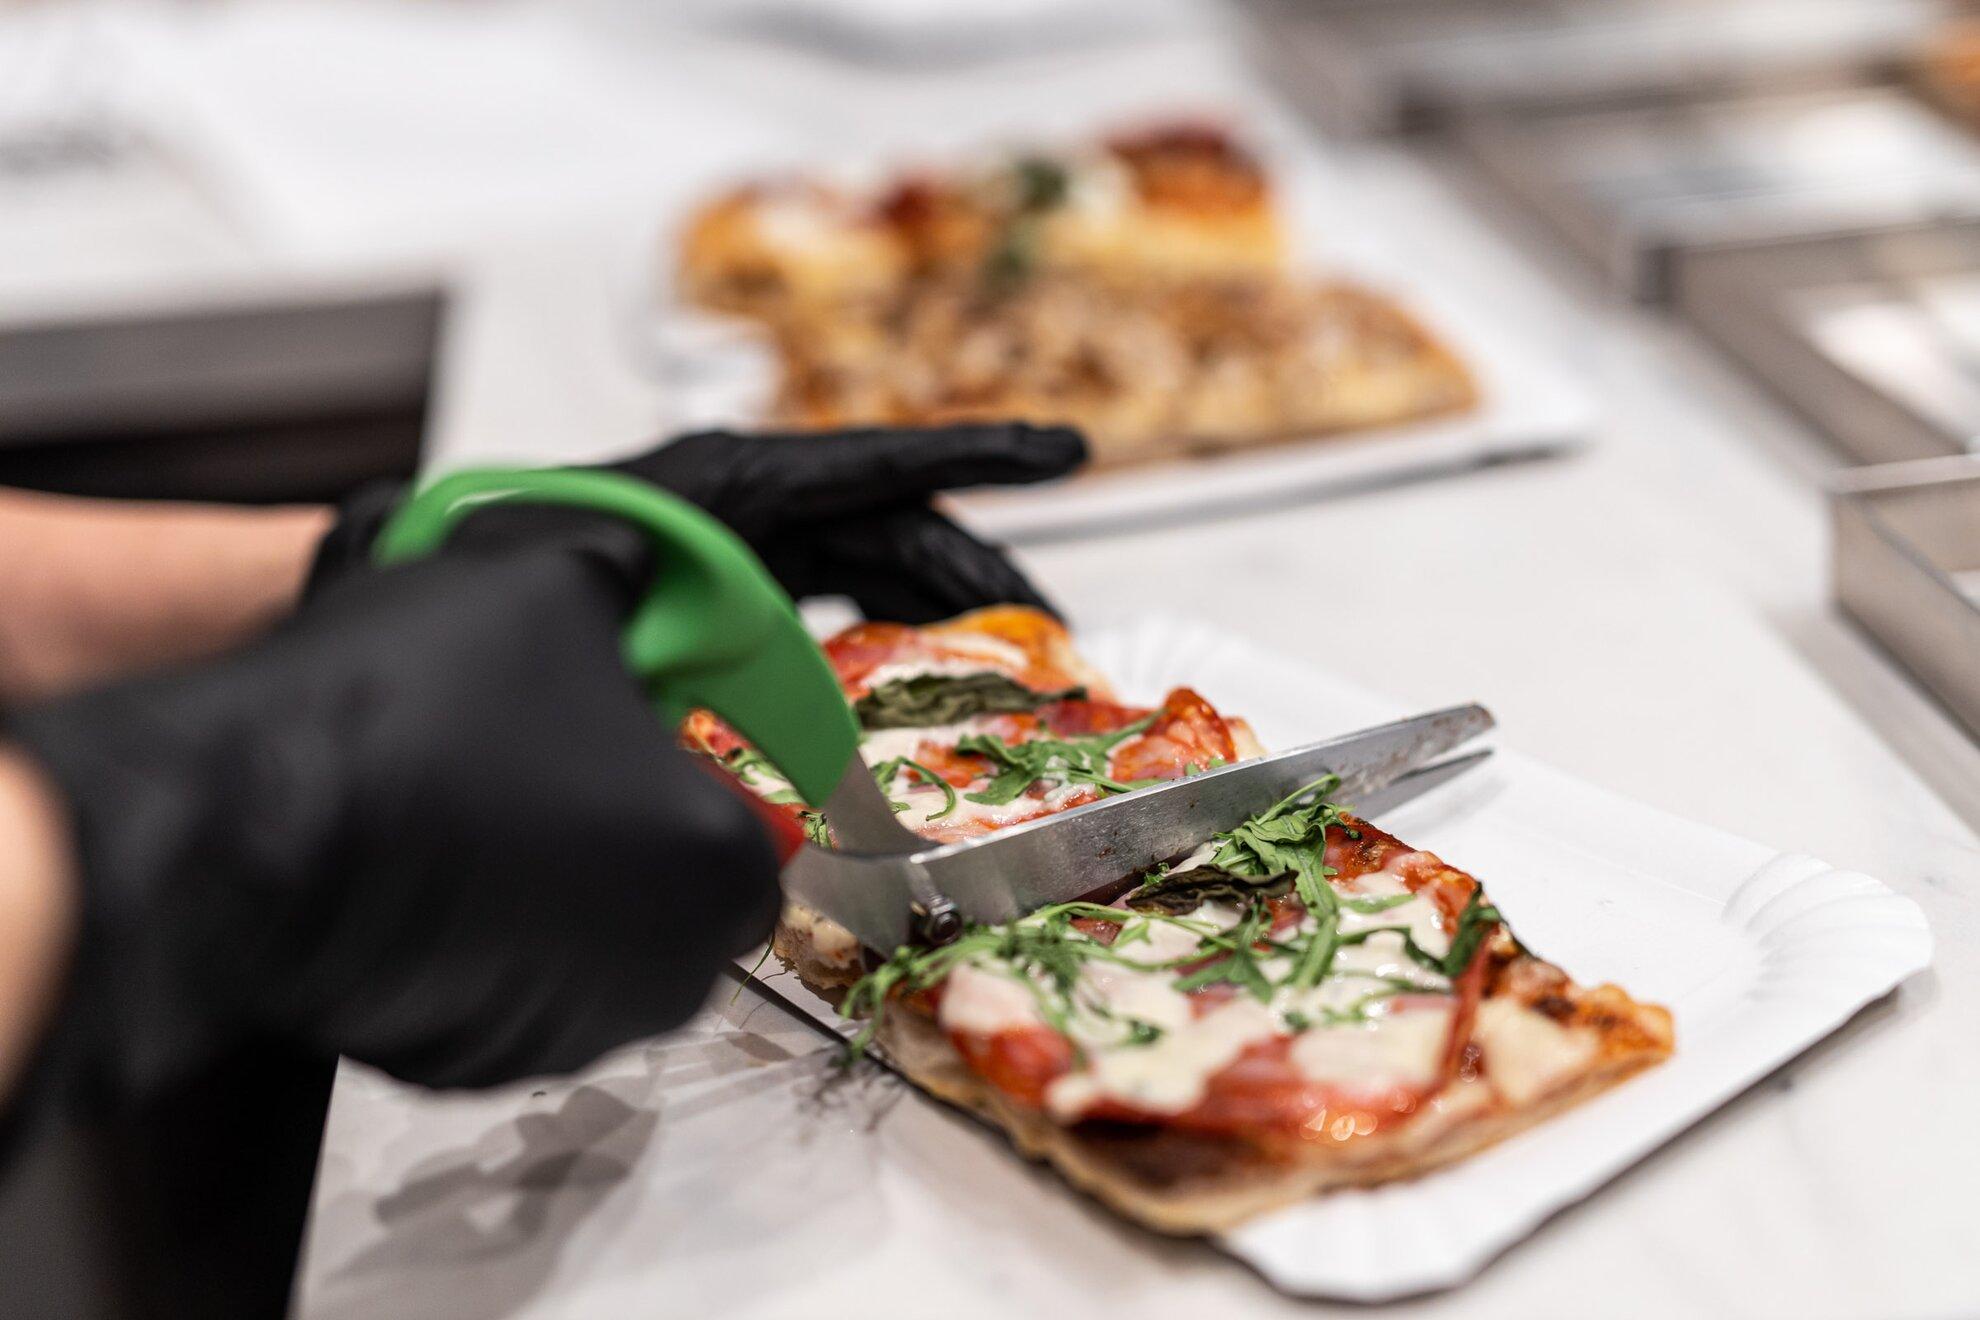 Ide veled, római pizza! – Új kedvencünk a Pozsonyi úton nyílt pizzaszeletbár